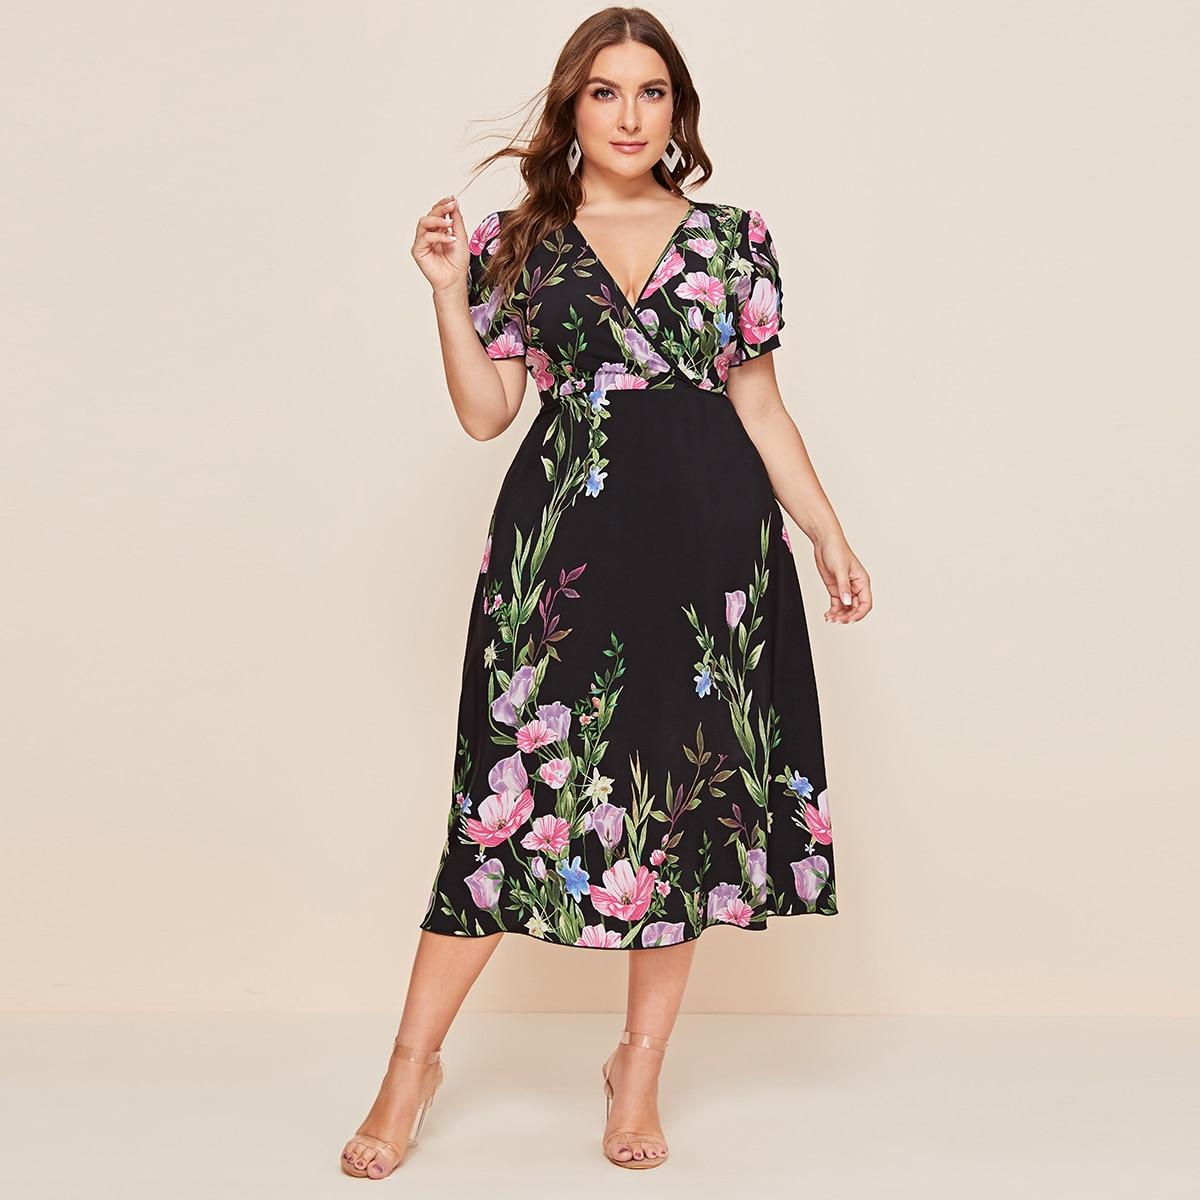 Цветочное платье размера плюс с глубоким вырезом